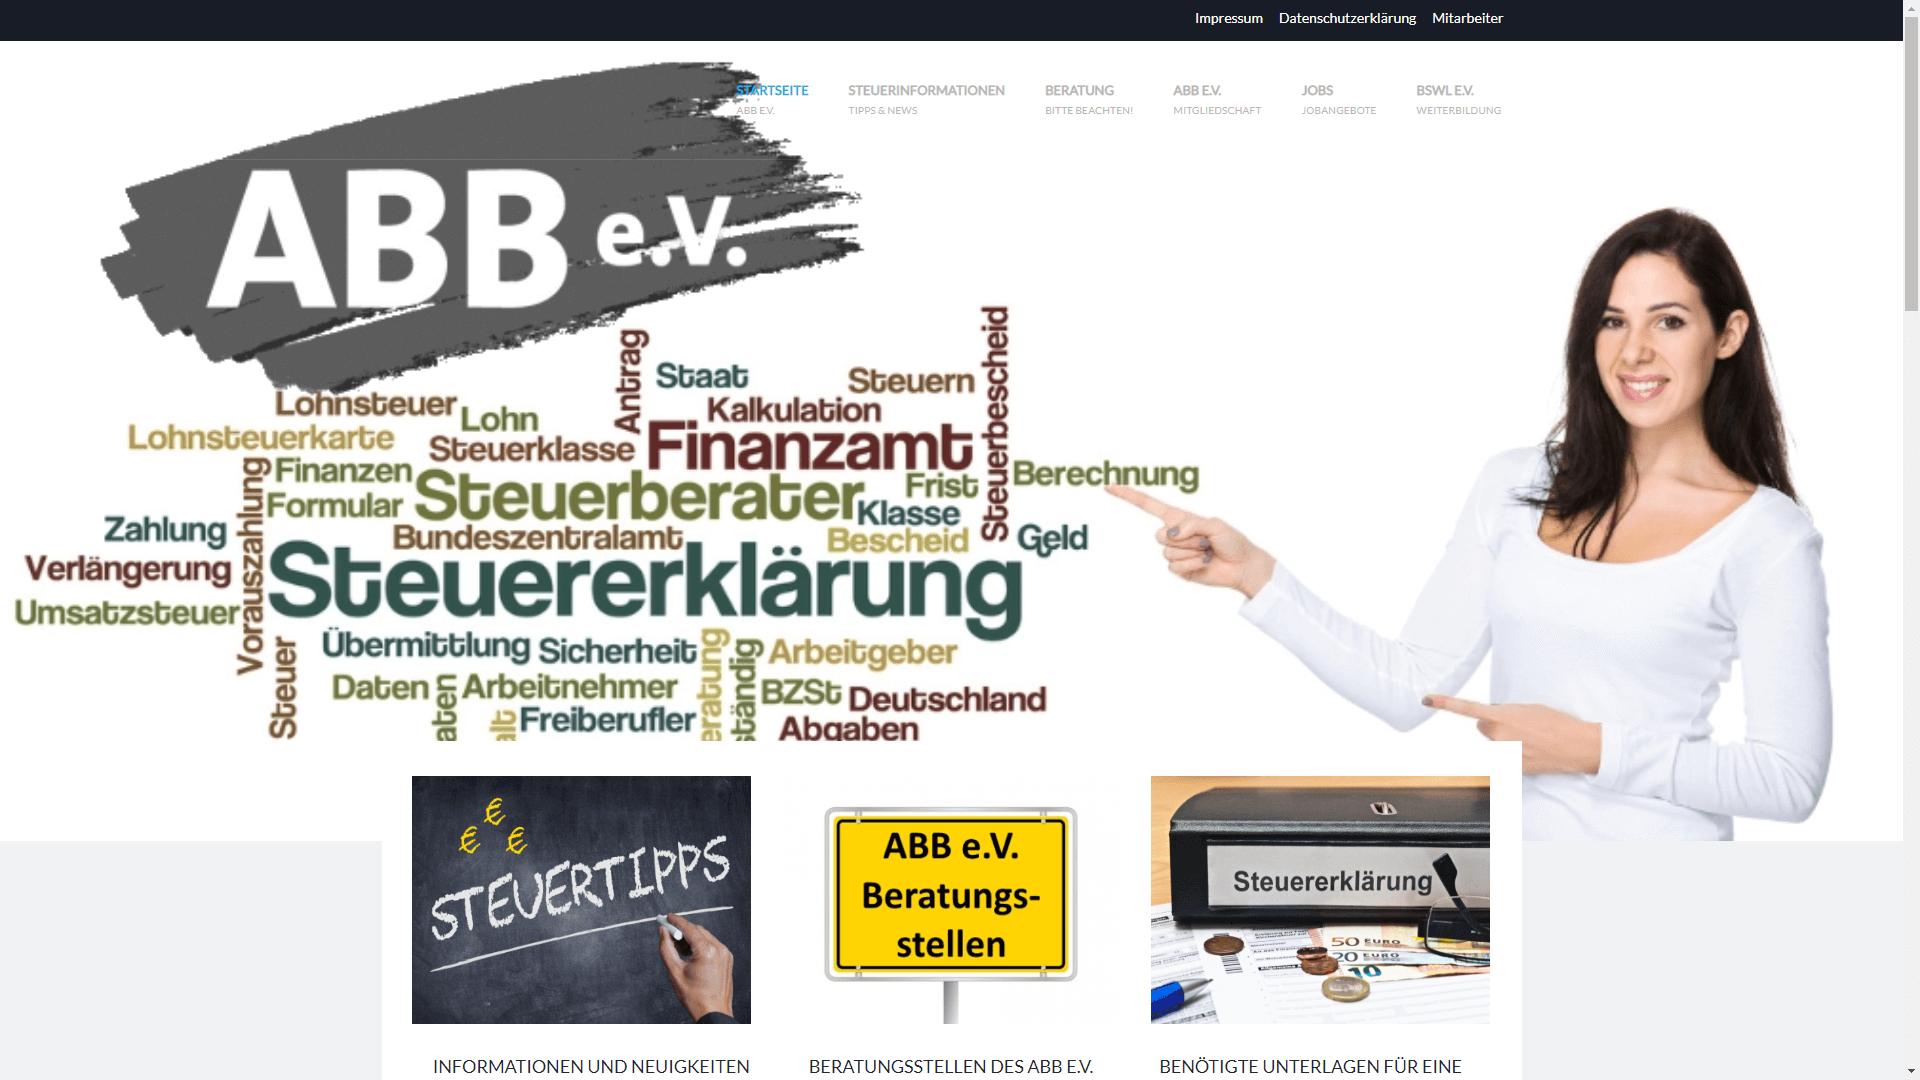 Verein - ABB Lohnsteuerhilfeverein e.V.